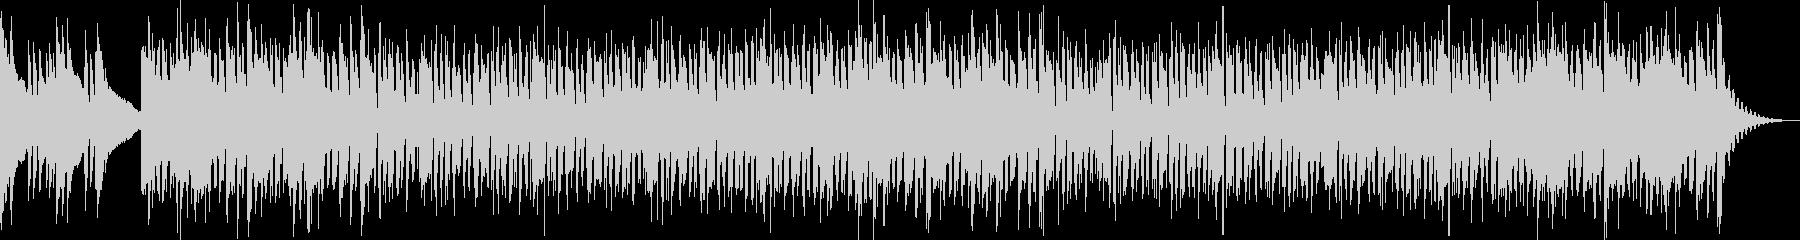 ドラムなしの未再生の波形